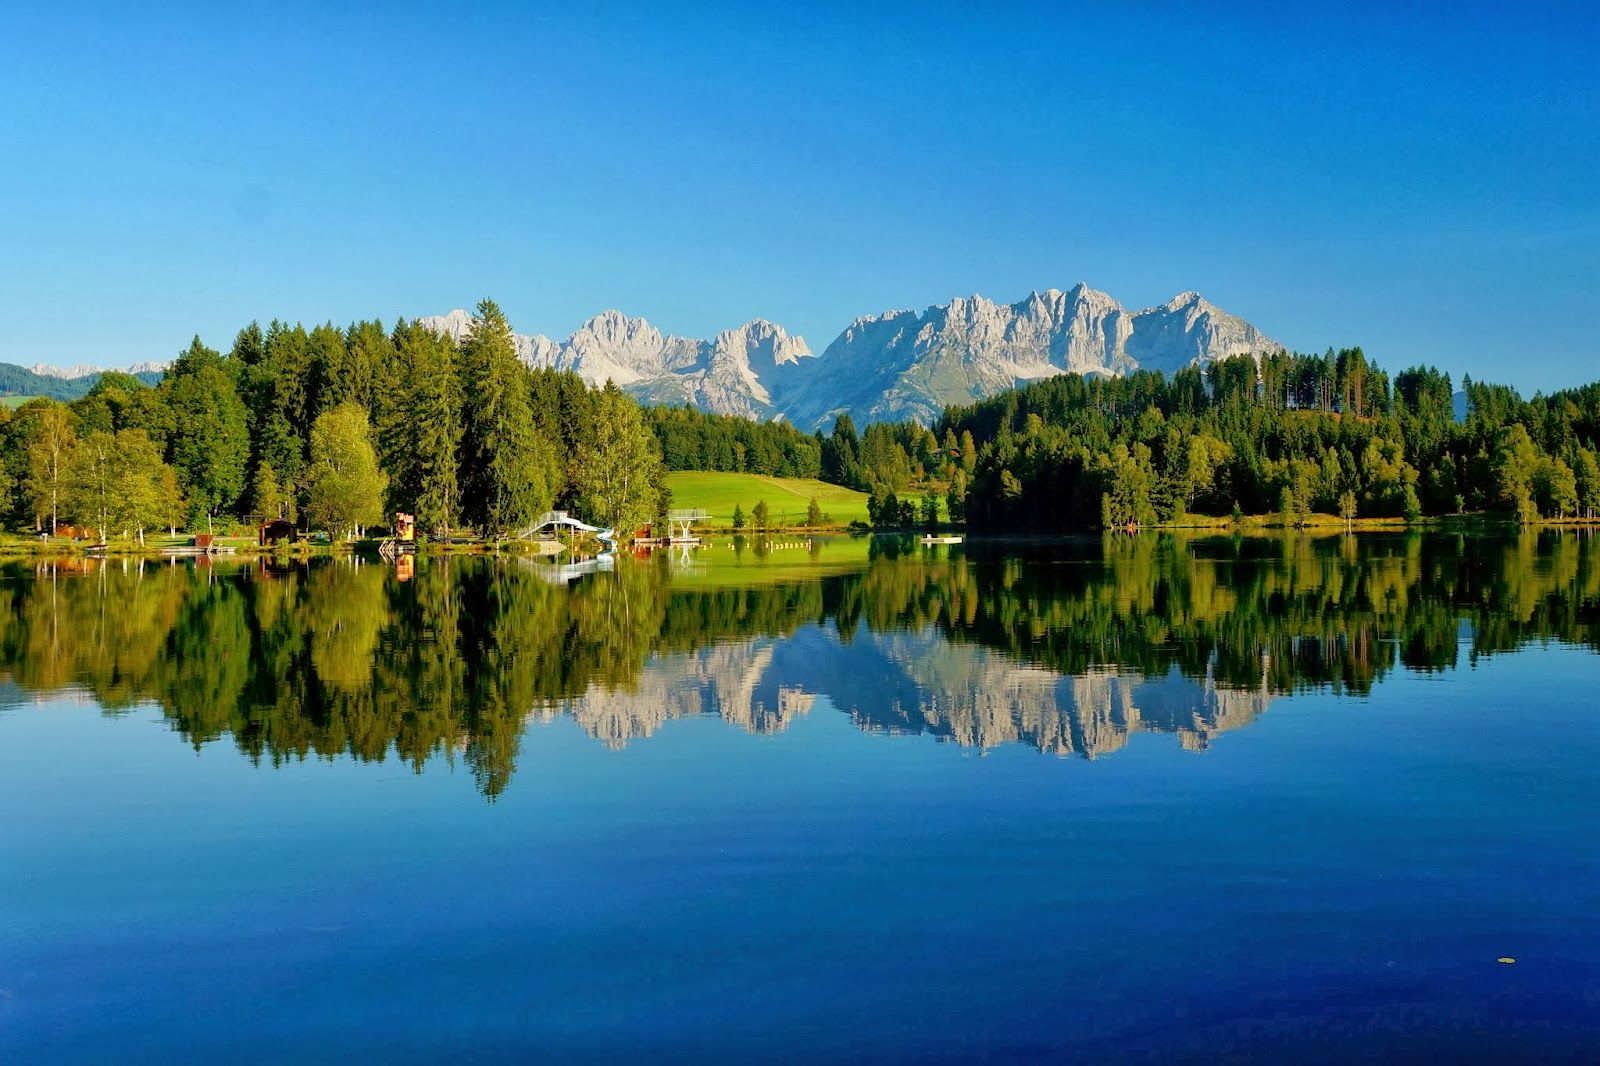 Der Schwarzsee In Kitzbuhel Hintergrund Der Wilde Kaiser Image By Aigner Robert Kirchberg Tirol Kitzbuhel Tirol Osterreich